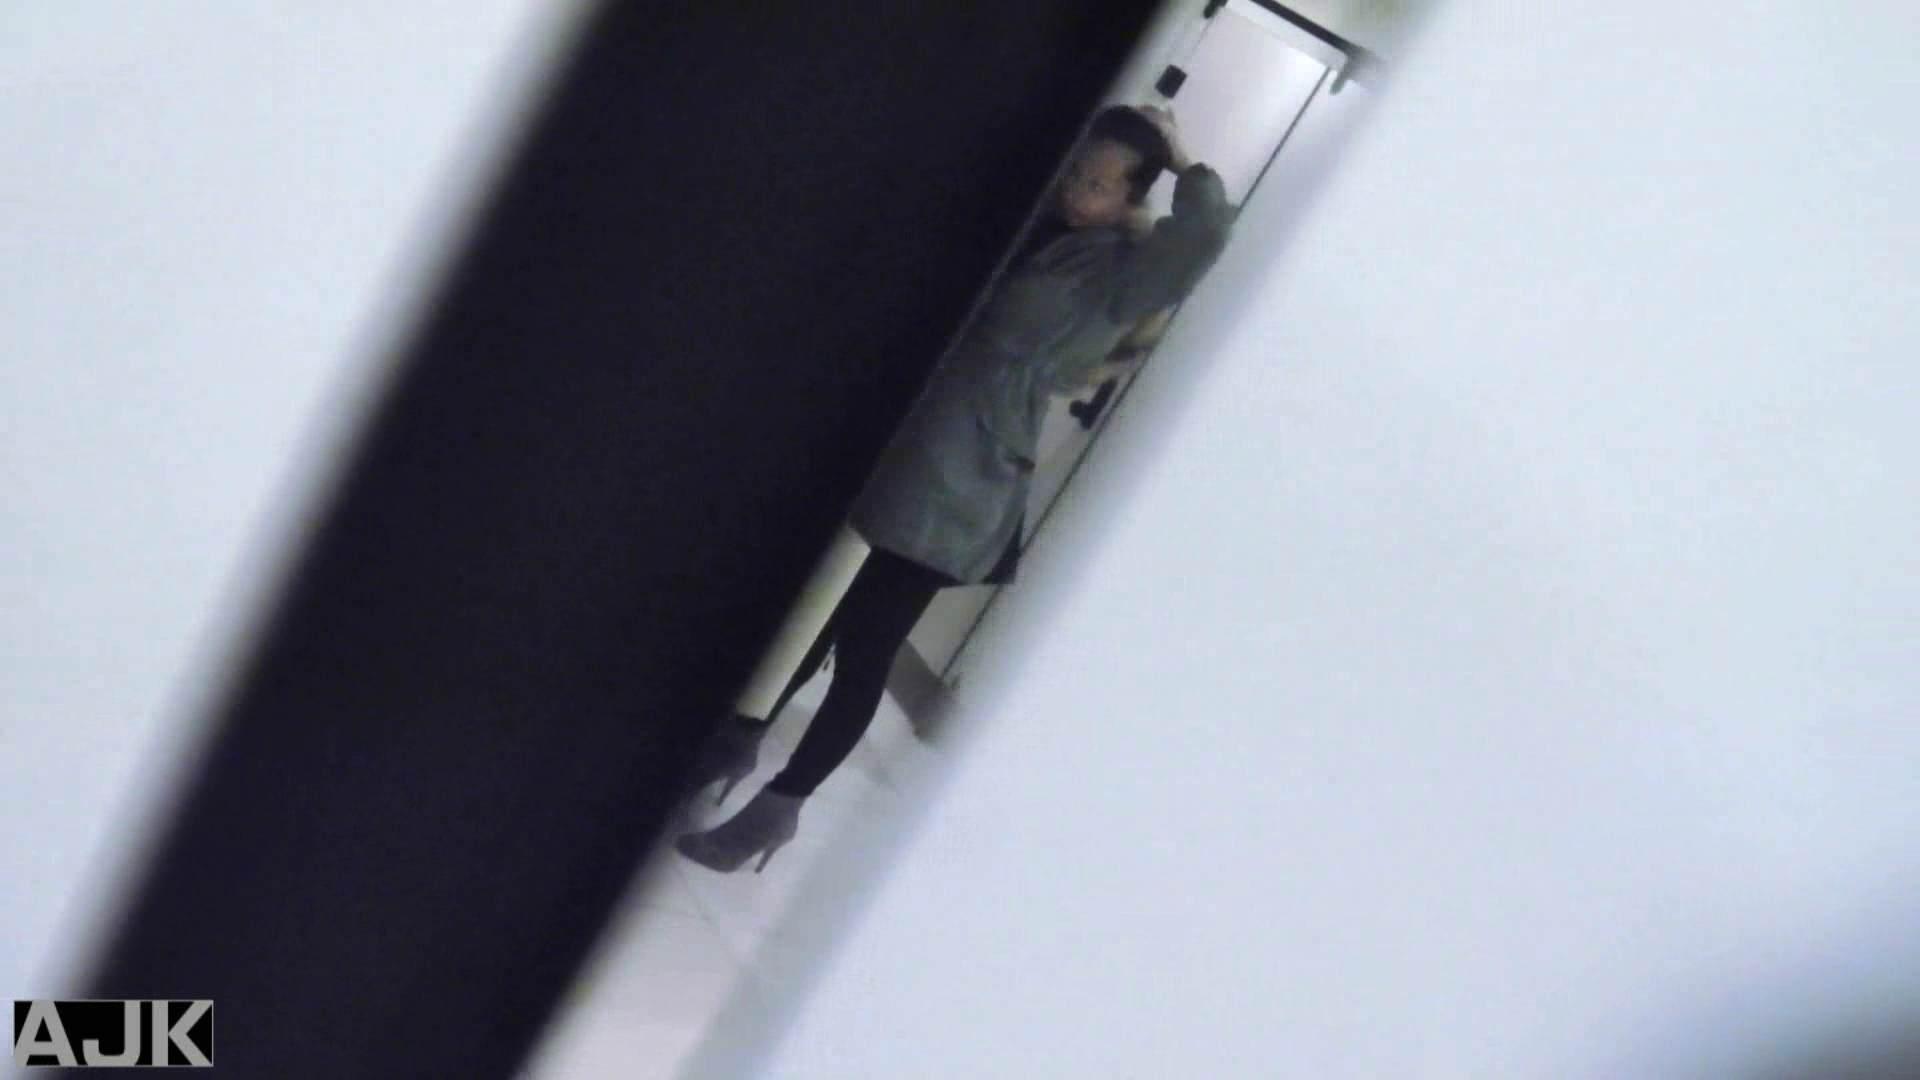 隣国上階級エリアの令嬢たちが集うデパートお手洗い Vol.30 女子トイレの中 オマンコ無修正動画無料 92画像 86